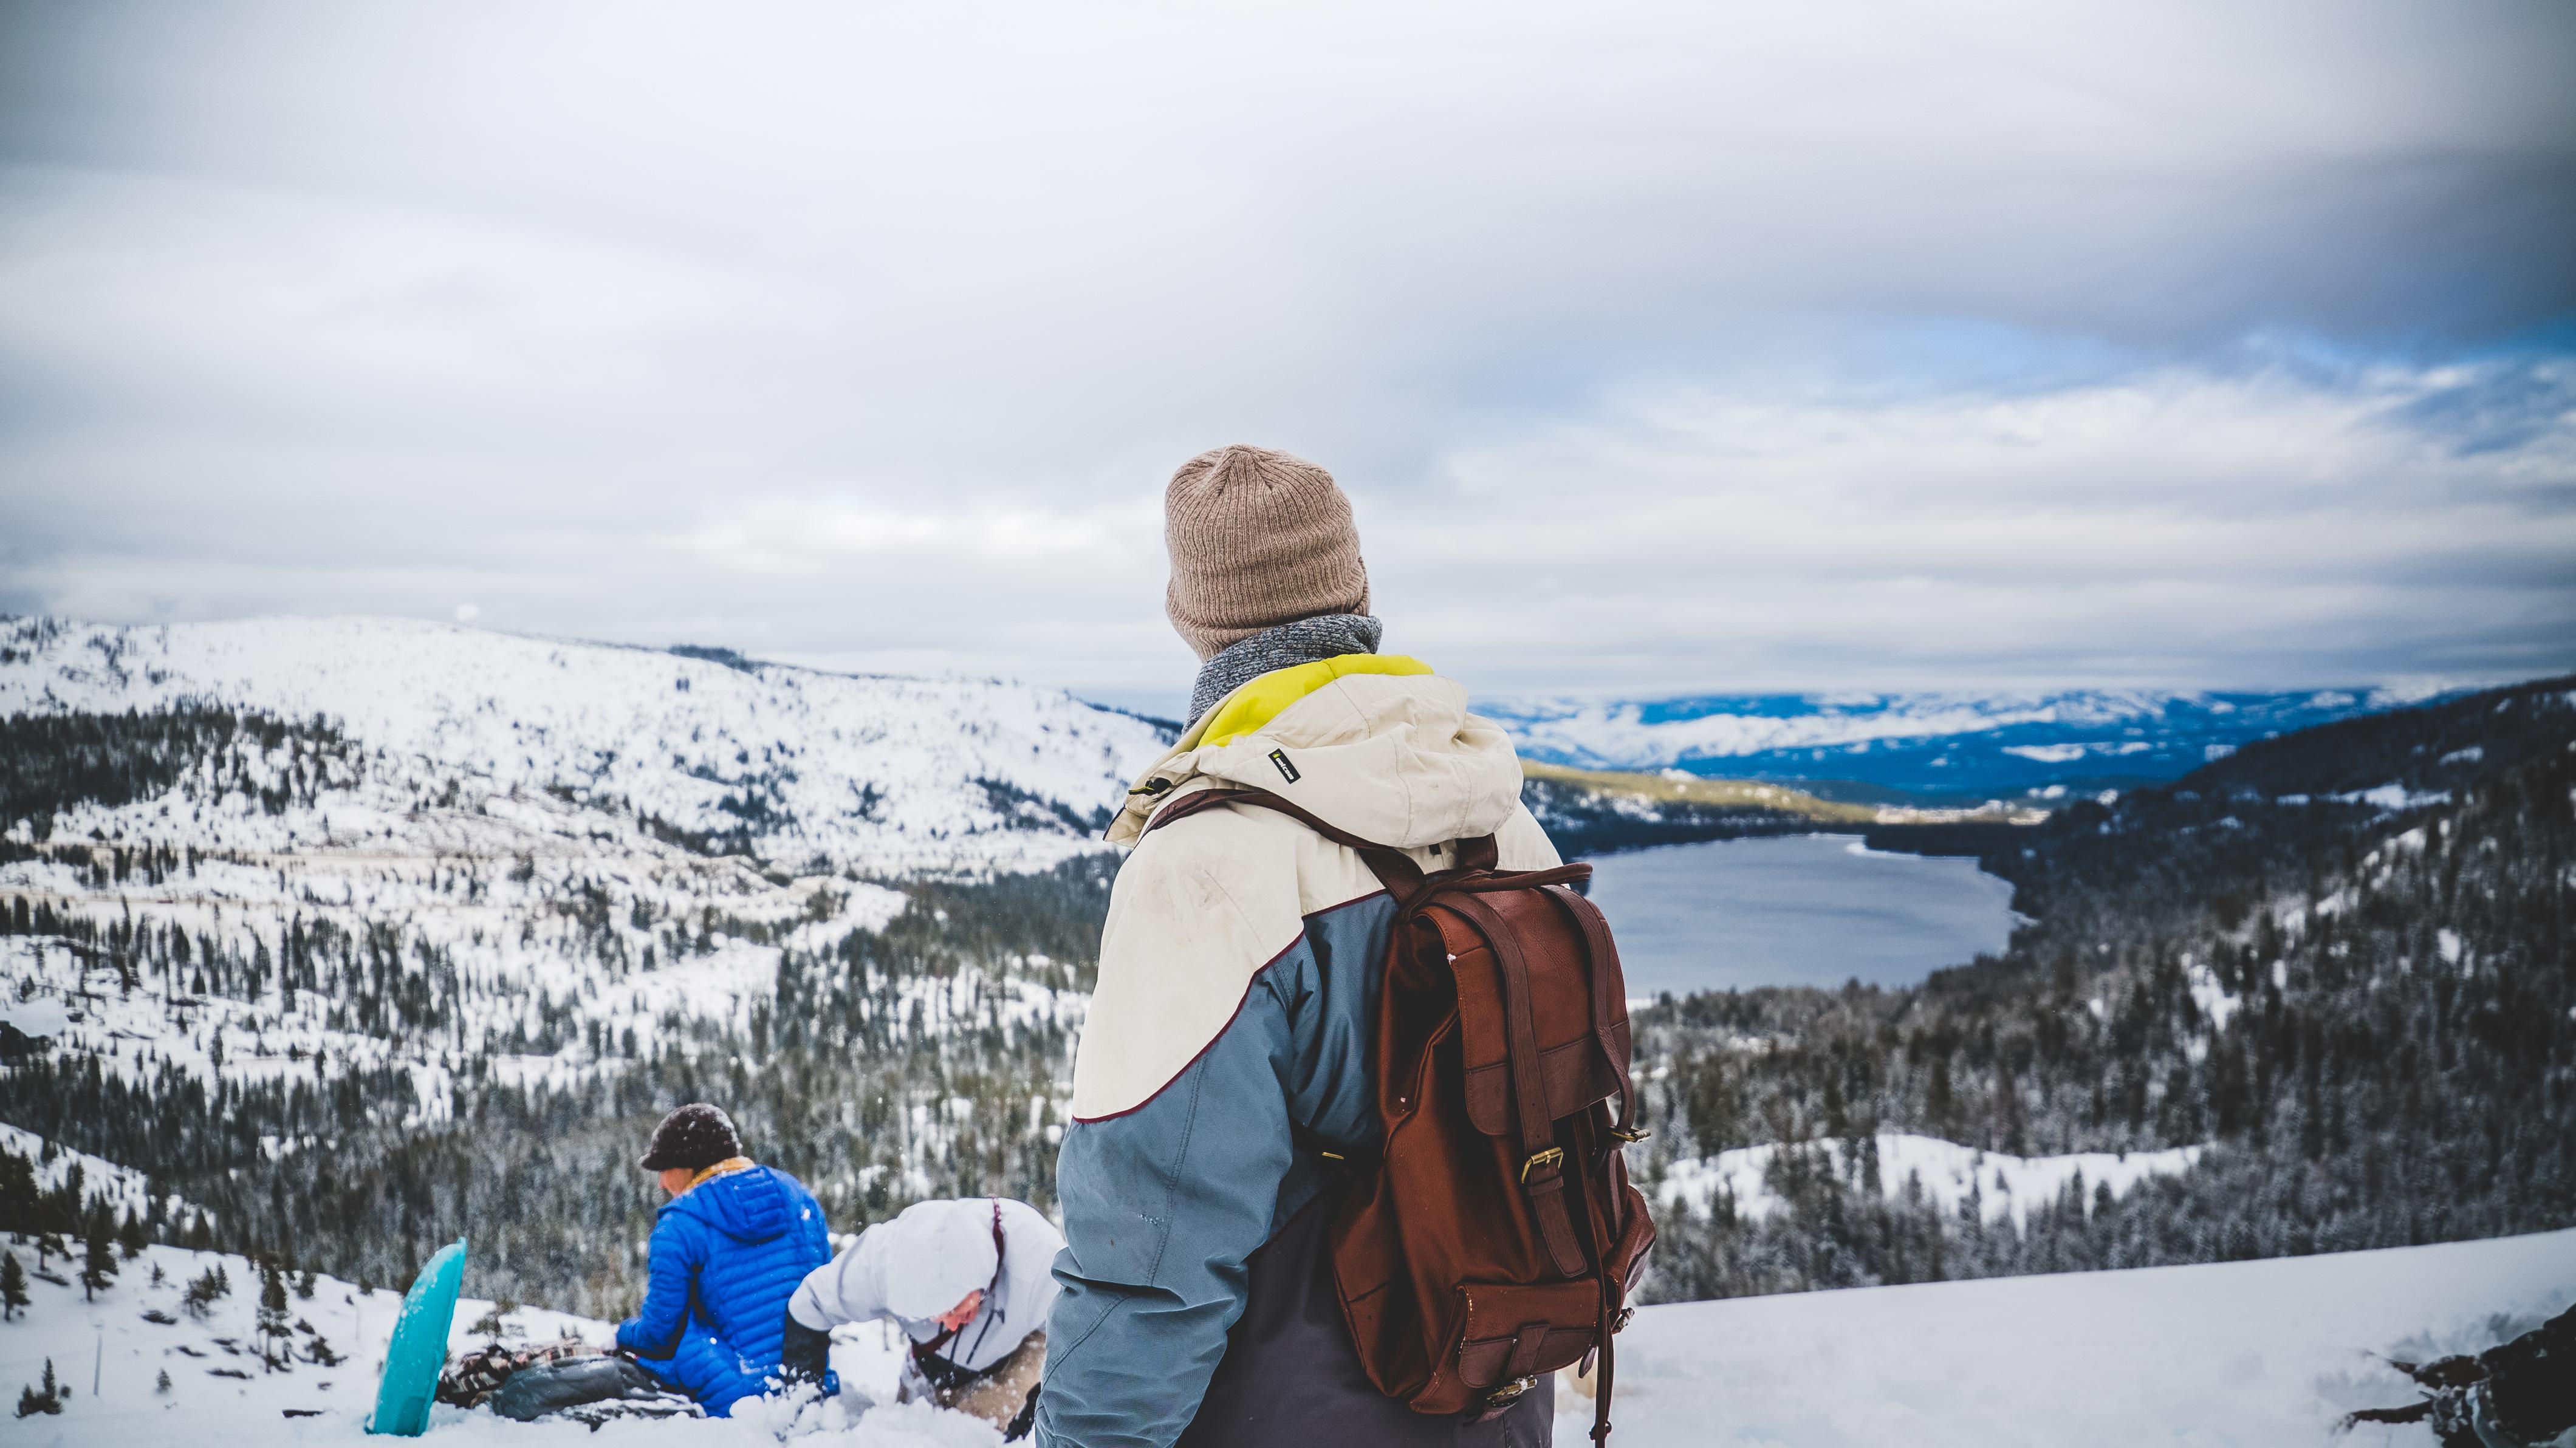 картинки туристов зимой игрушки ручной работы